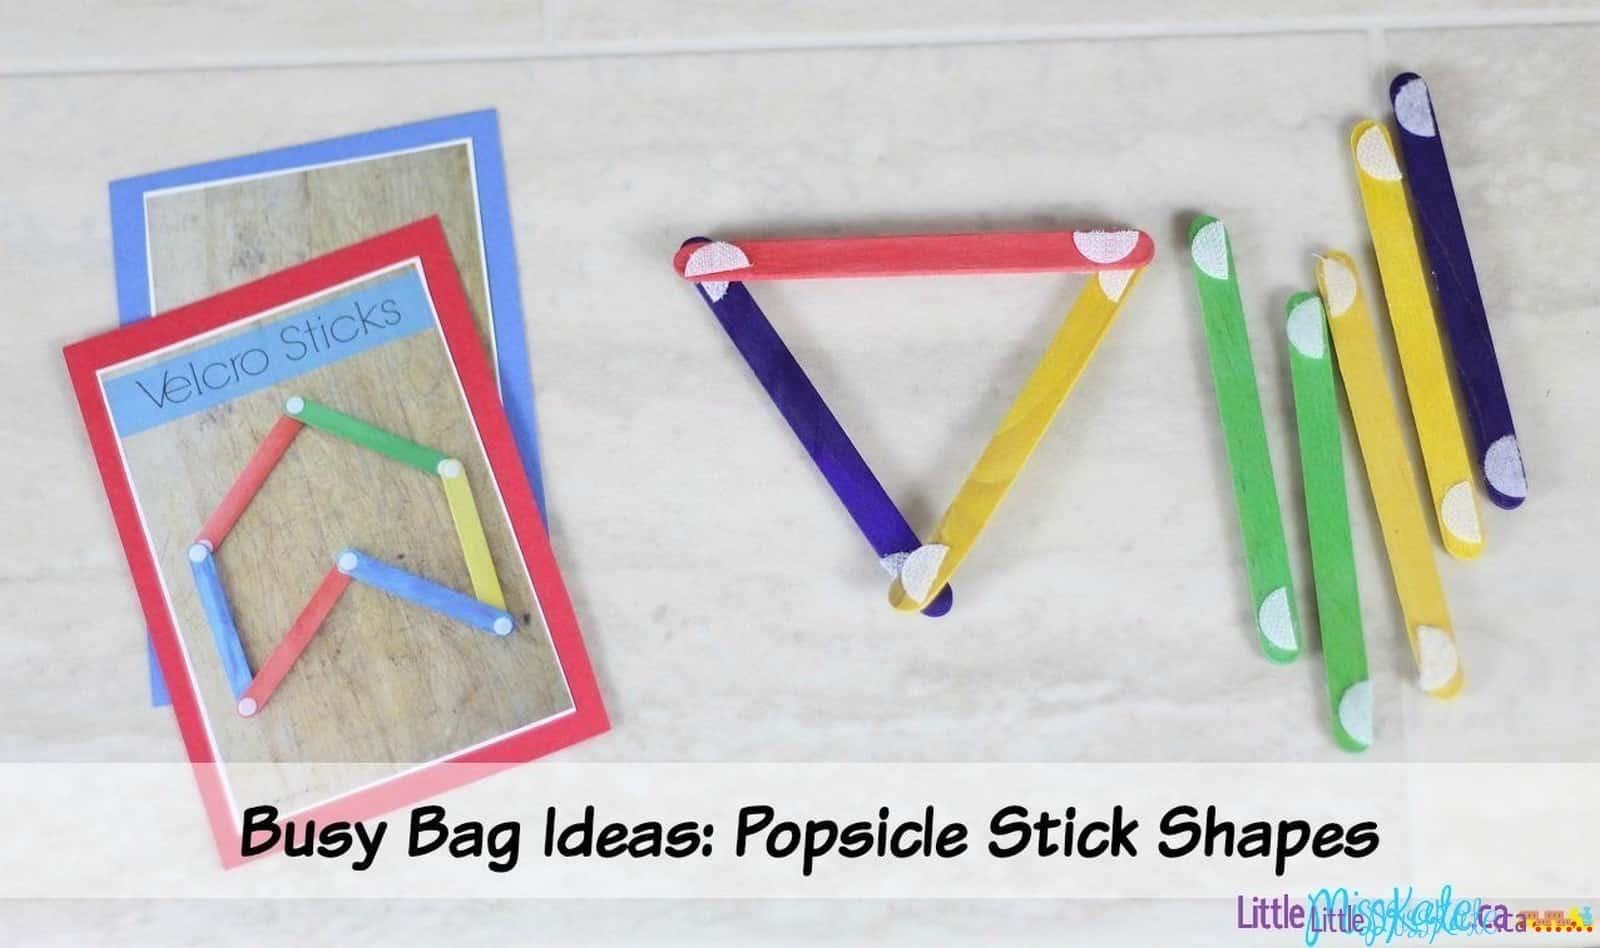 Busy Bag Idea for Kindergarten - Popsicle Stick Shapes via LittleMissKate.ca